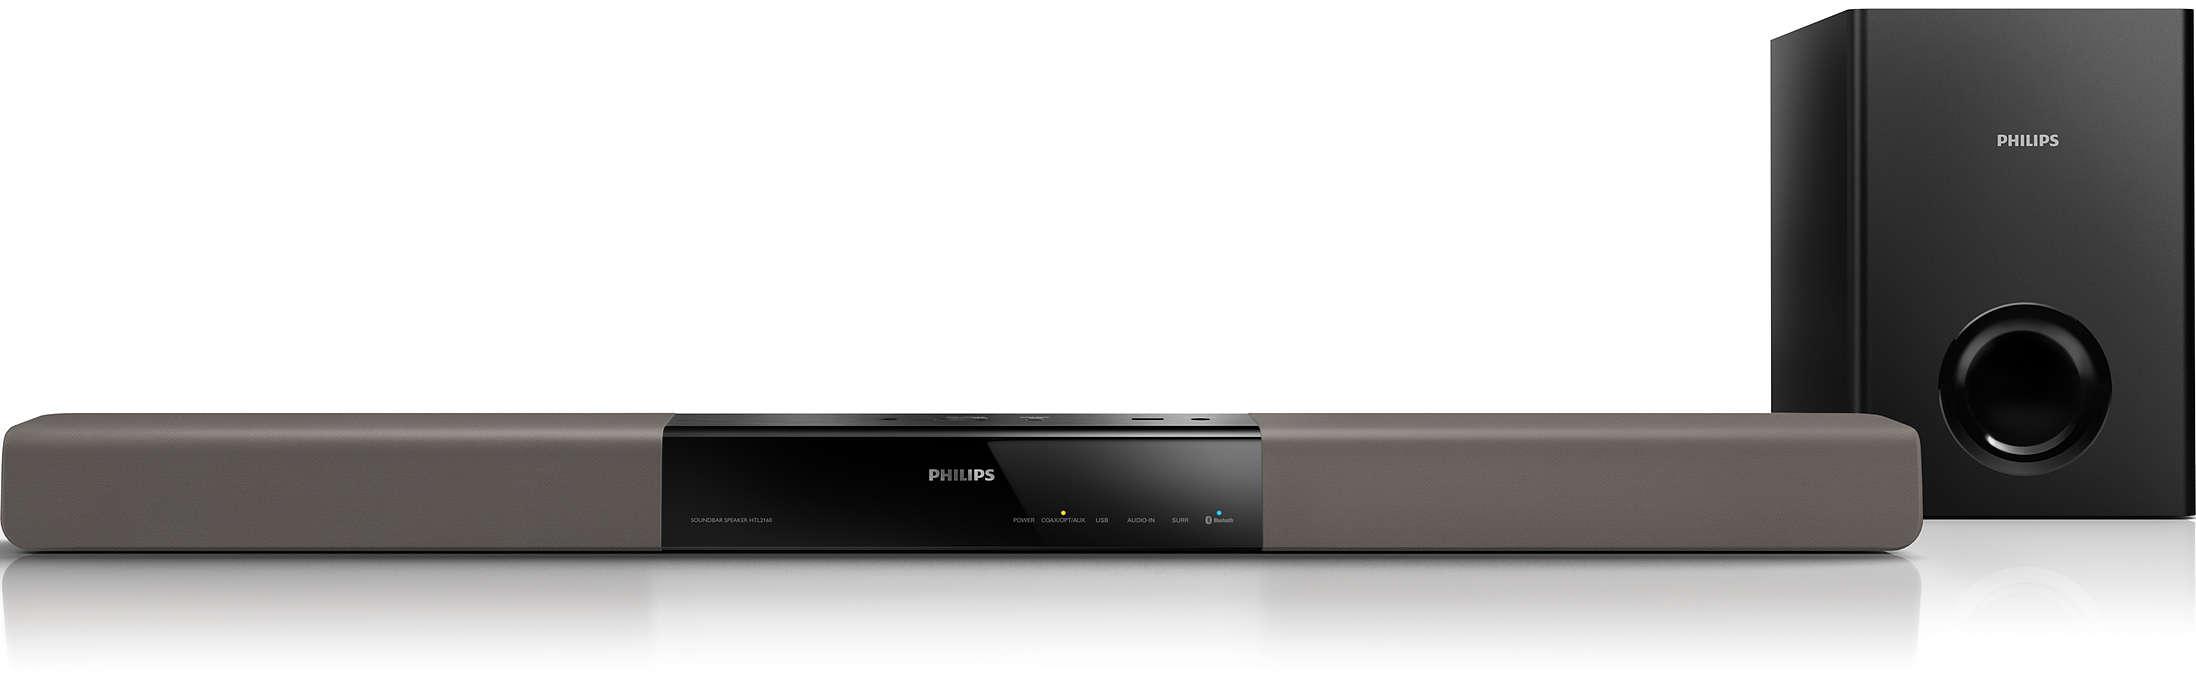 Audio potente per qualsiasi TV